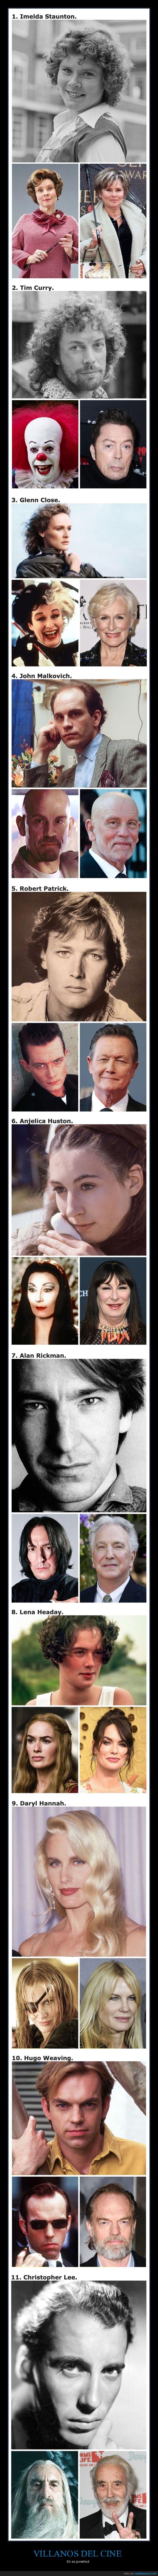 actores,cine,jóvenes,villanos